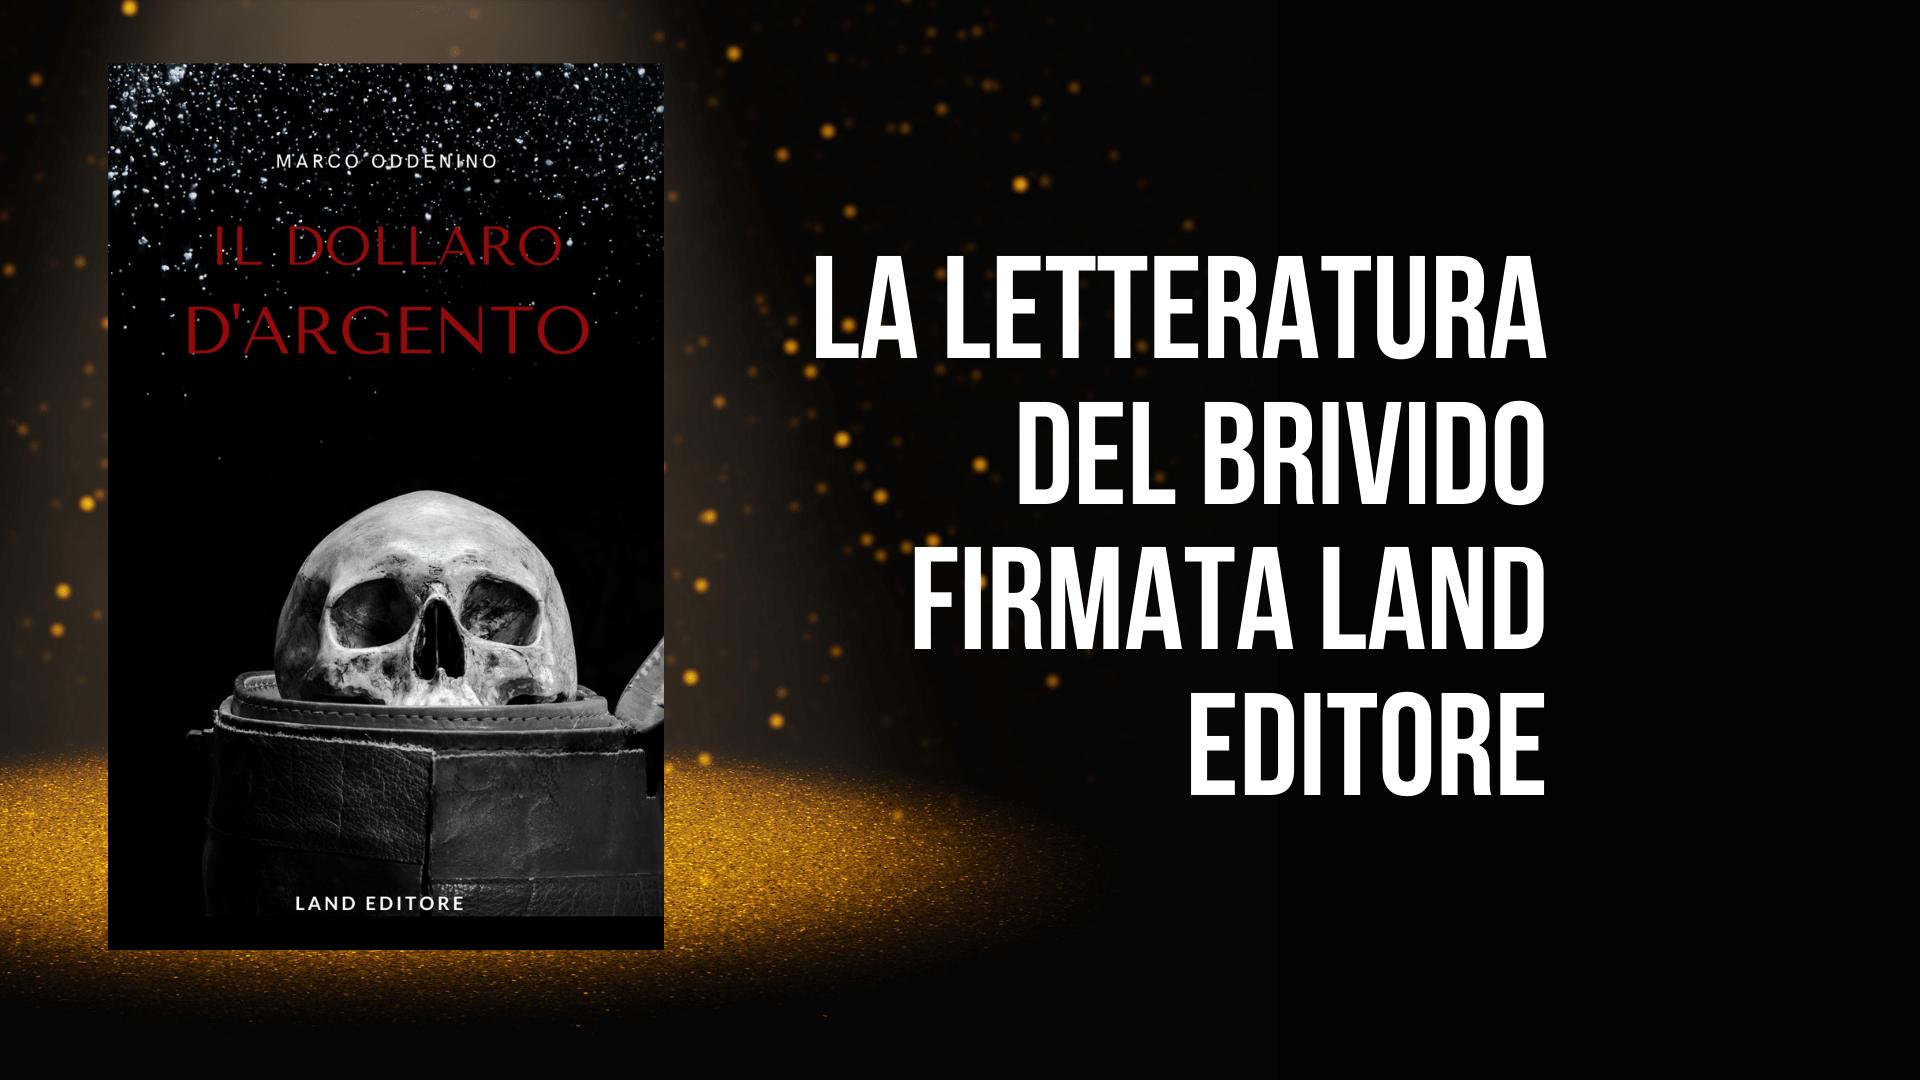 CAROSELLO SITO WEB LAND EDITORE(1)-min